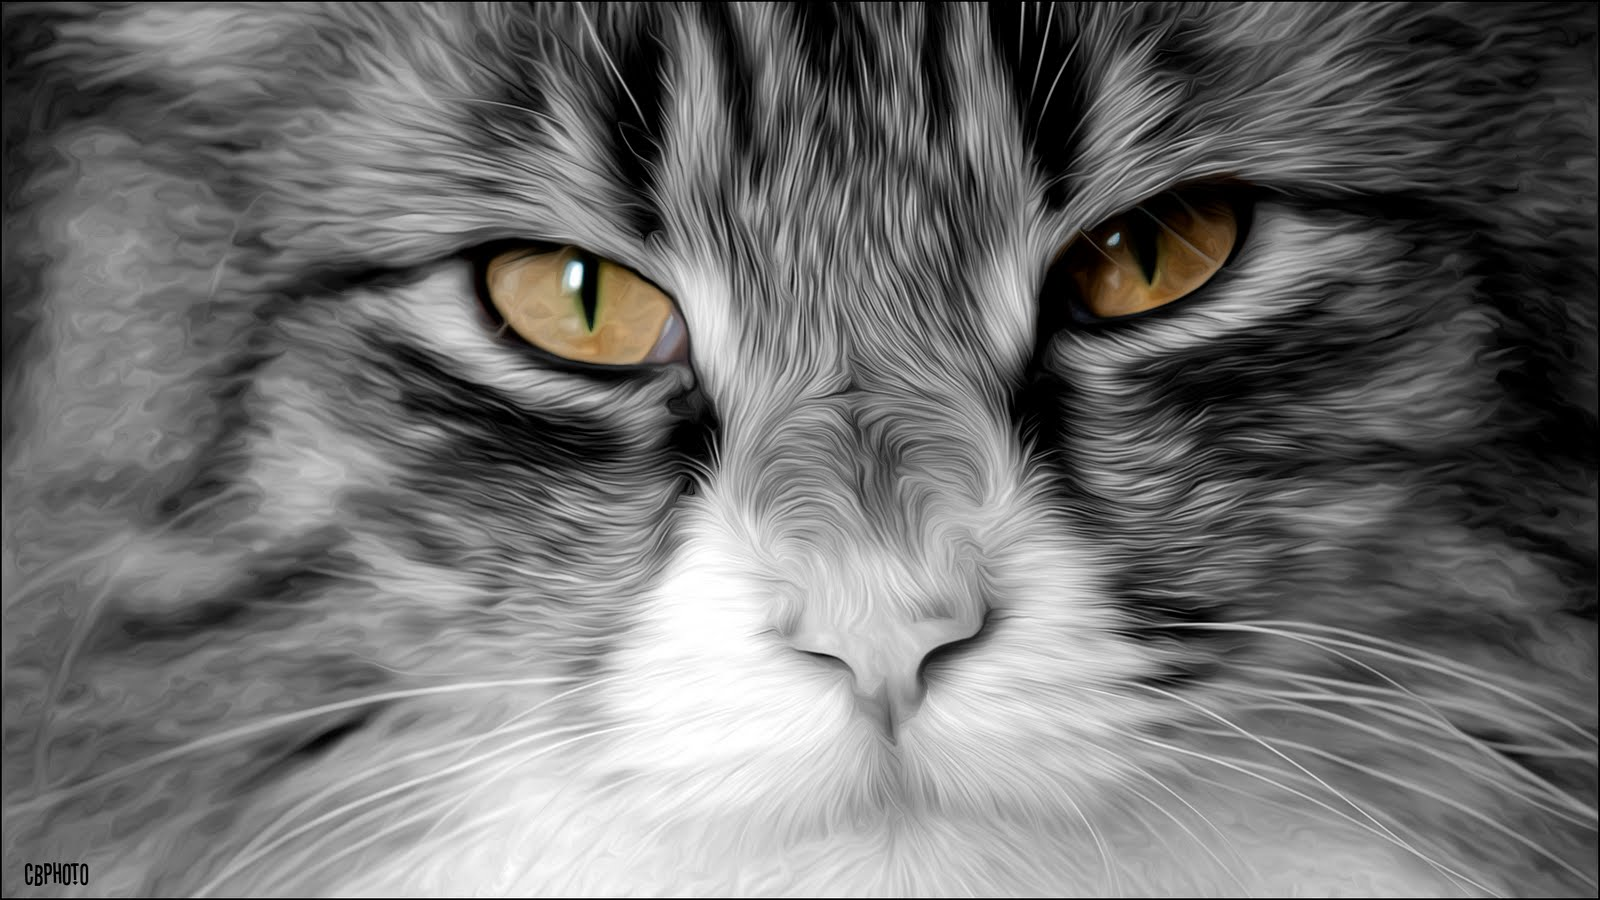 Ab photo sfondo per pc in hd for Immagini hd desktop